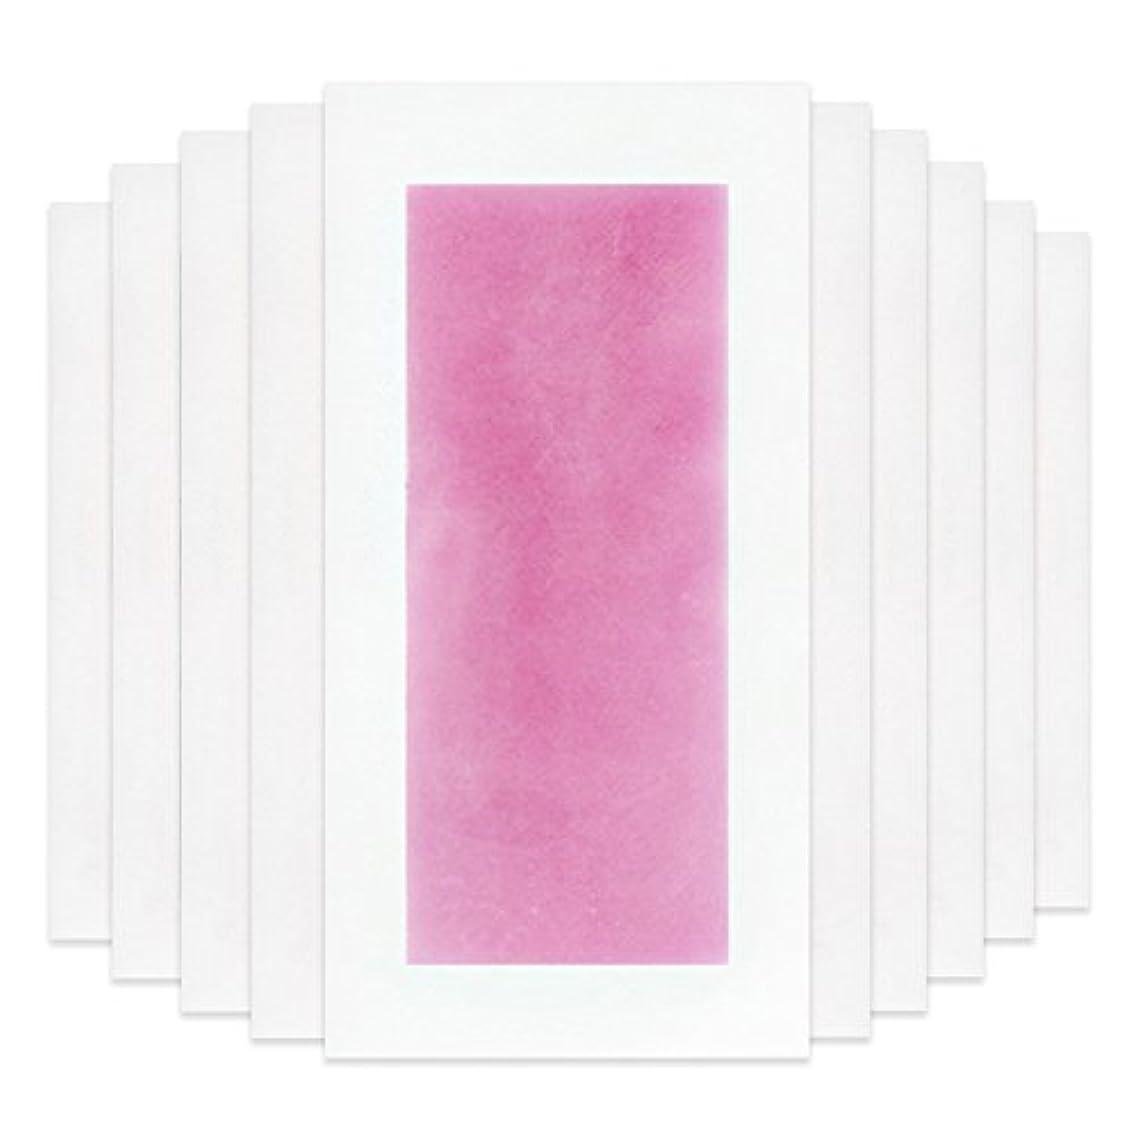 通信する日記ブレスRaiFu 脱毛 コールド ワックス ストリップ 紙 脱毛紙 プロフェッショナル 夏の脱毛 ダブル サイド ボディ除毛 10個 ピンク